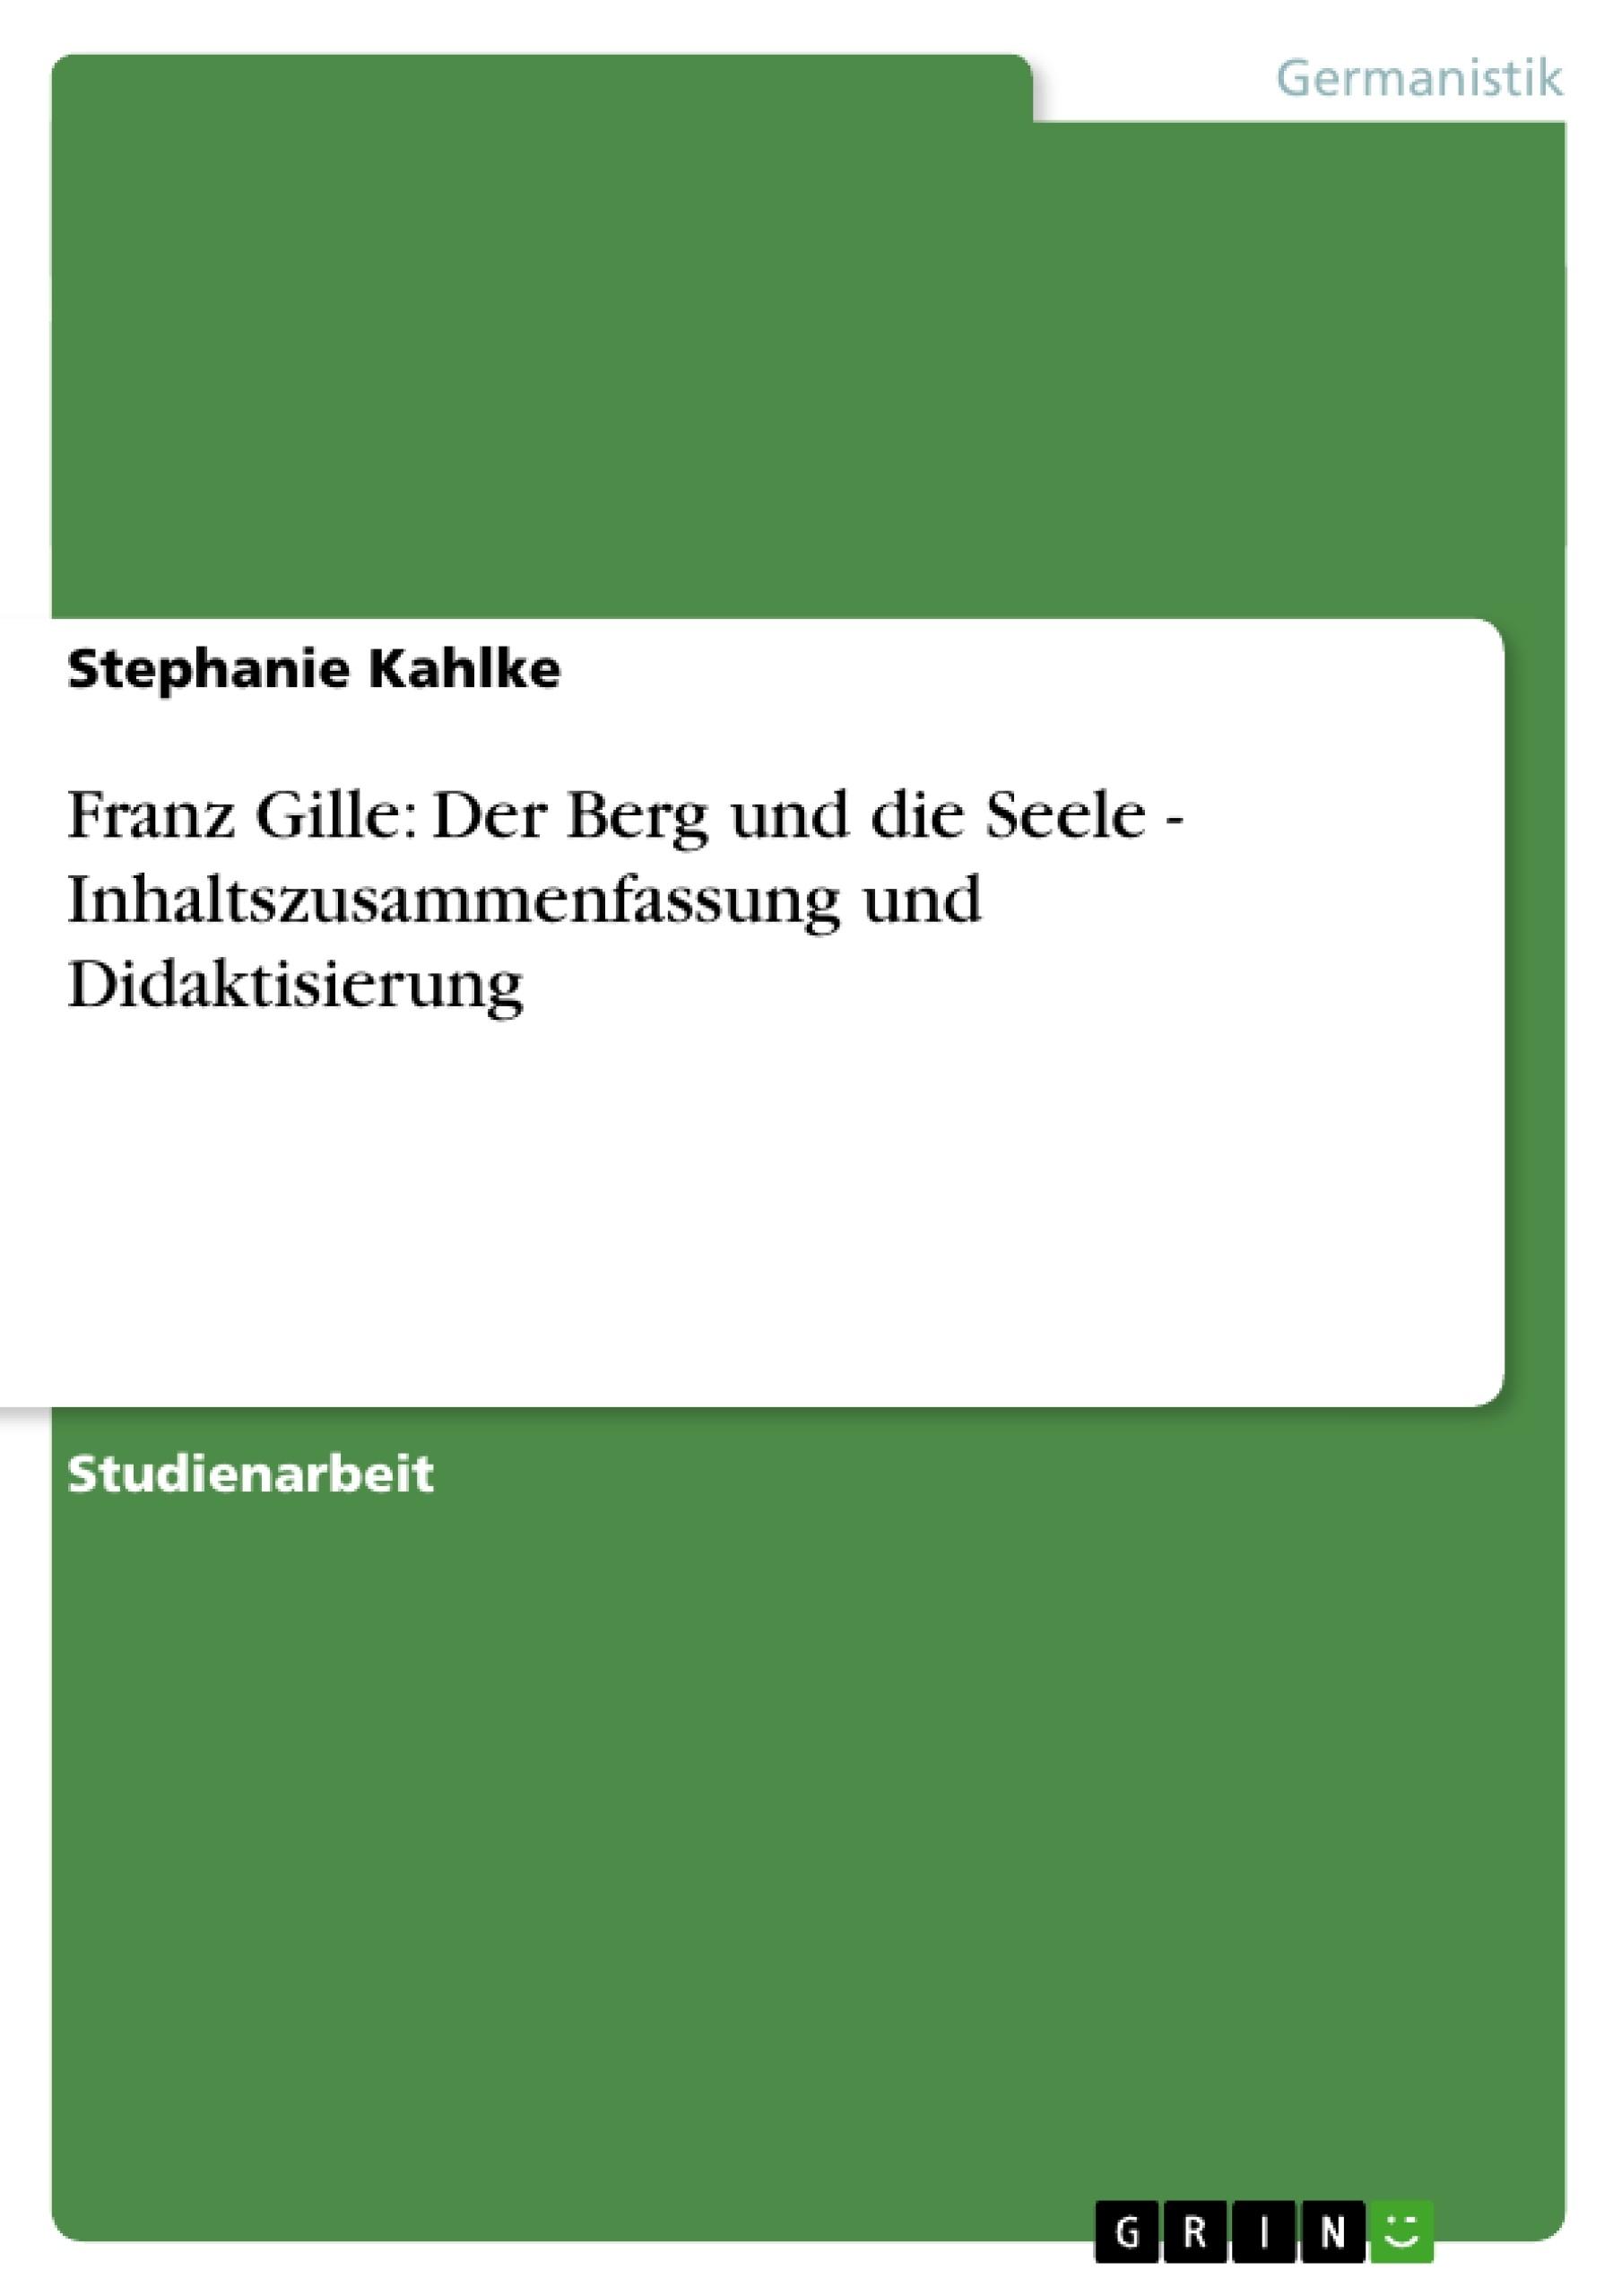 Titel: Franz Gille: Der Berg und die Seele - Inhaltszusammenfassung und Didaktisierung